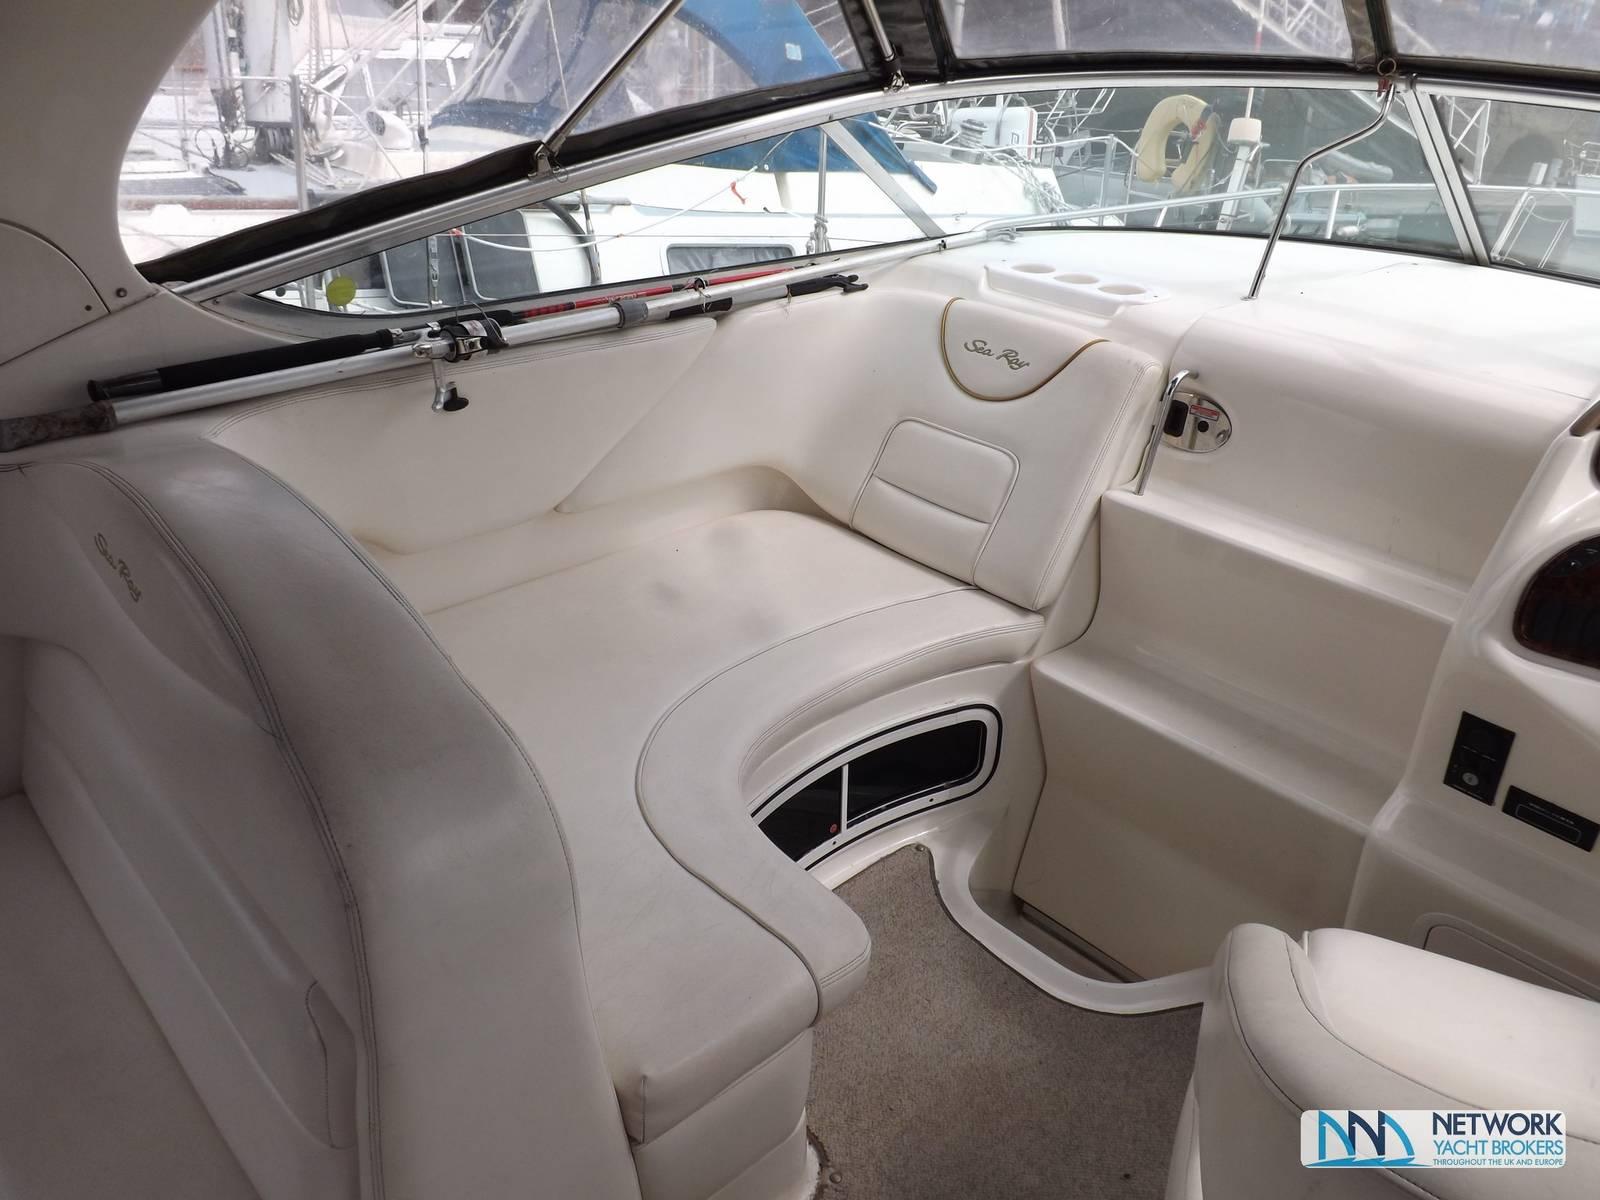 Searay Searay Sundancer 280 2001 Yacht Boat For Sale in